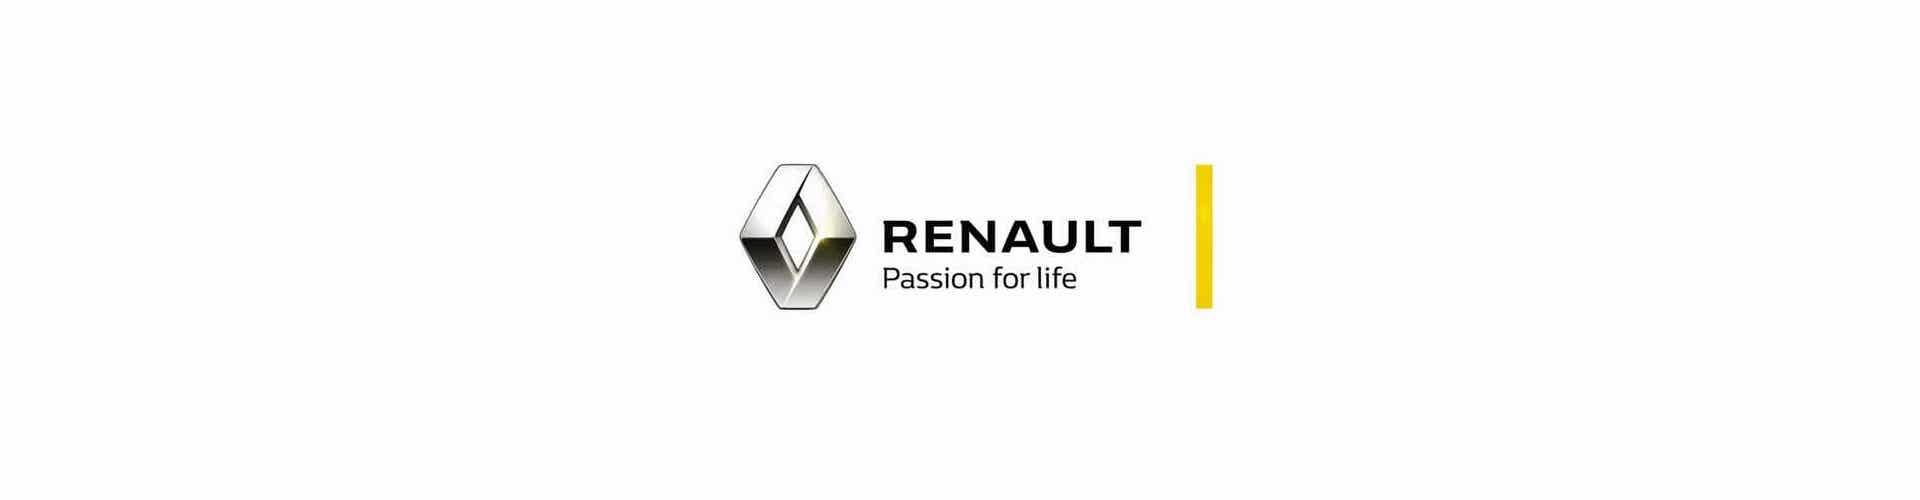 taller Renault en Palma de Mallorca